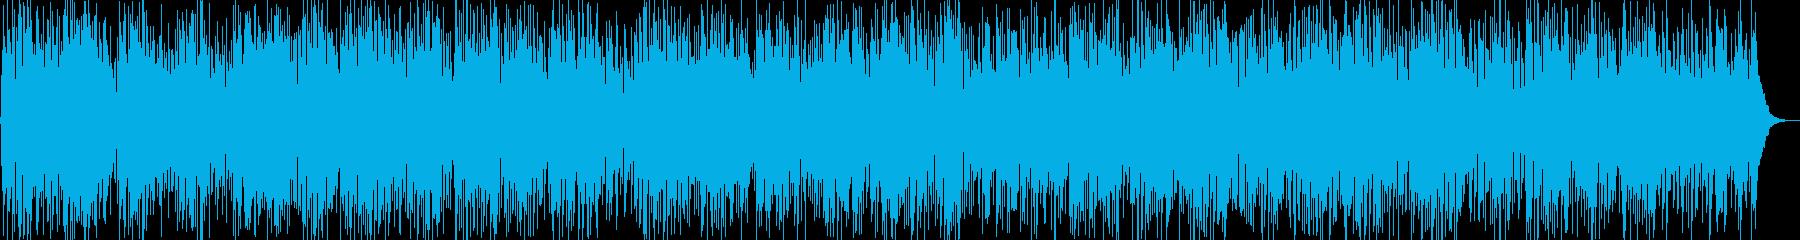 ゆったりと落ち着いたギターポップスの再生済みの波形